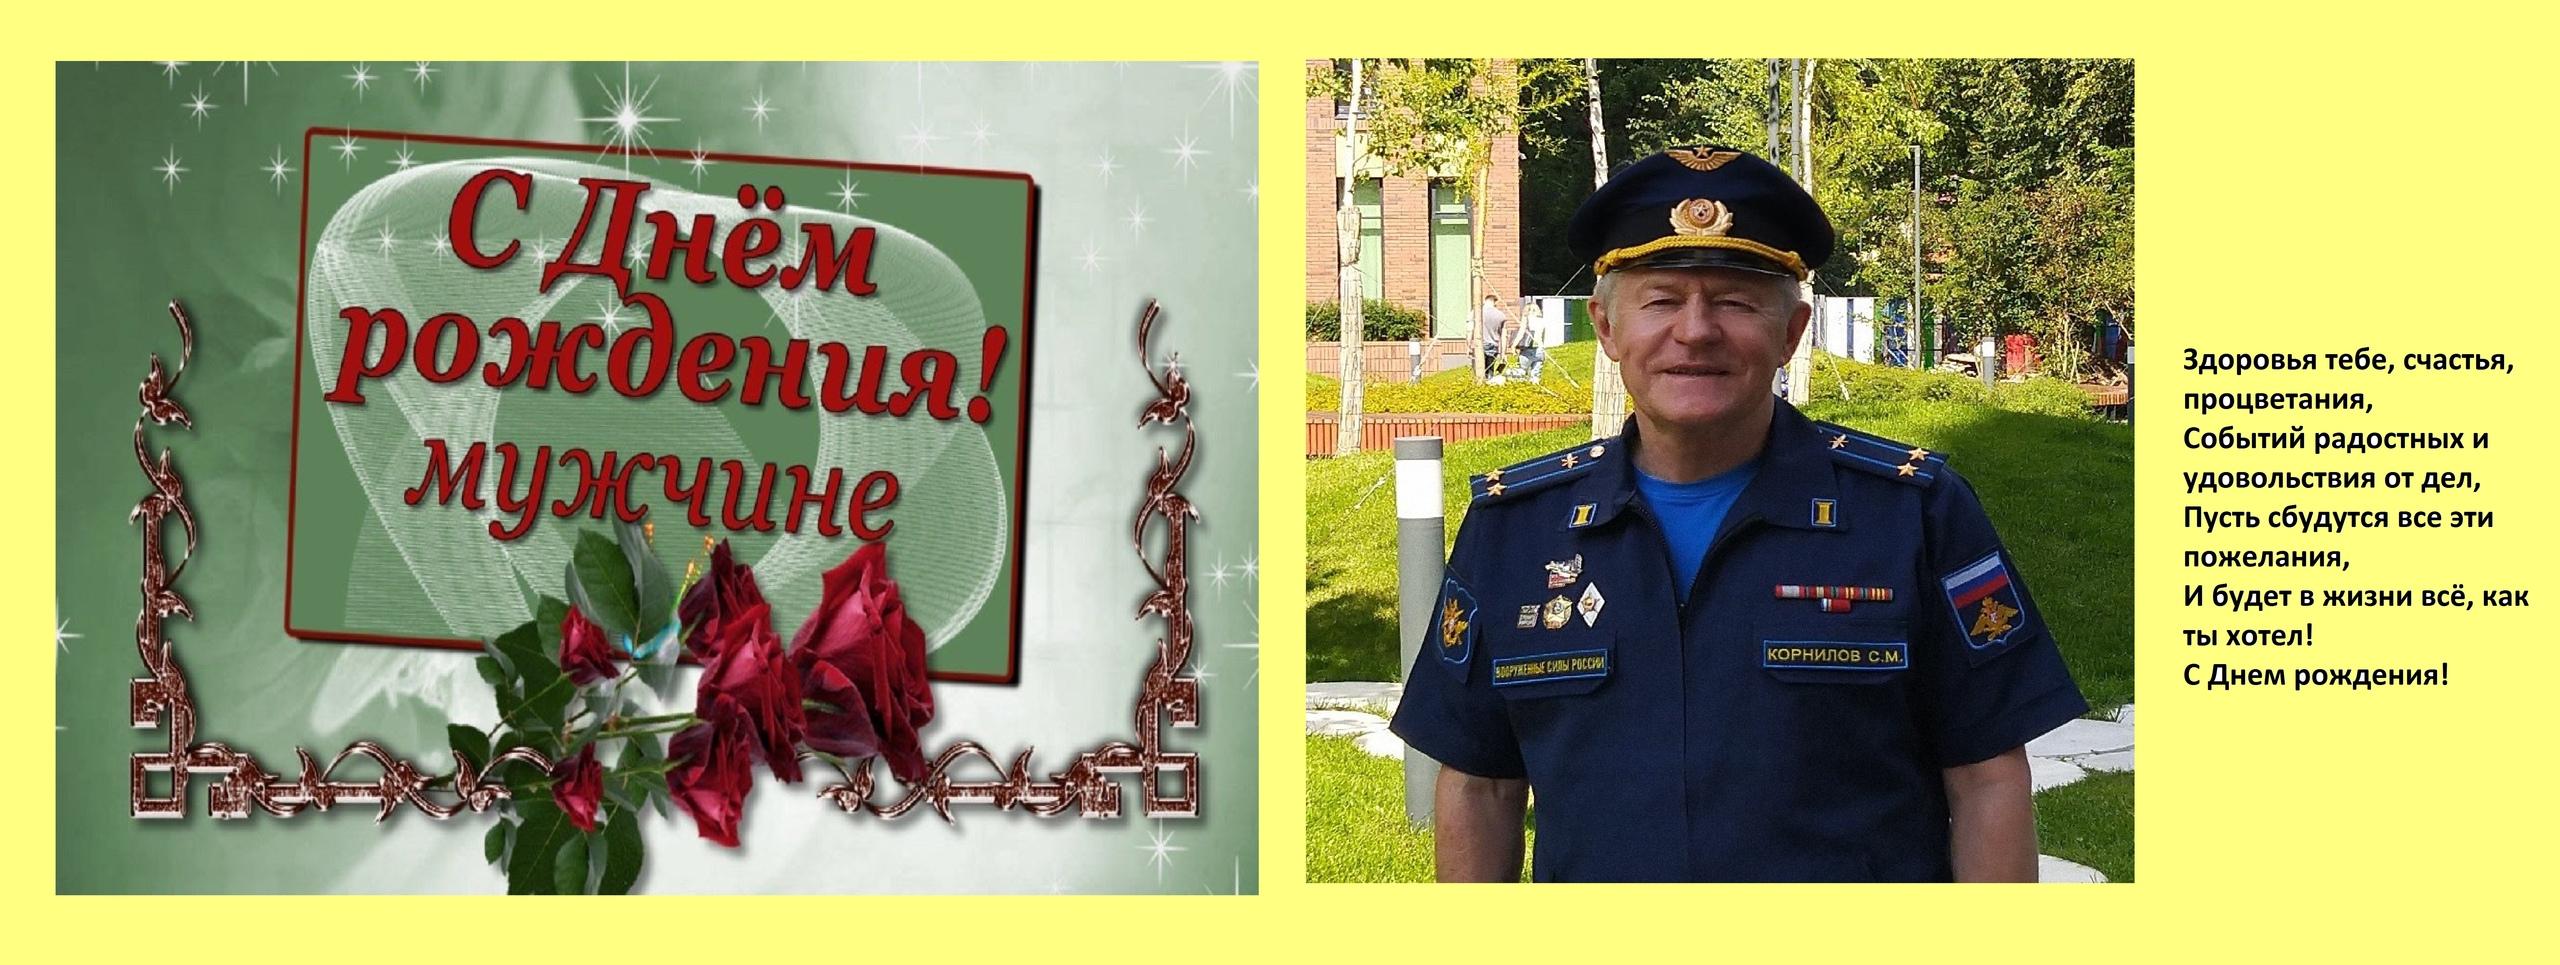 Сегодня Корнилову С.М. День Рождения.